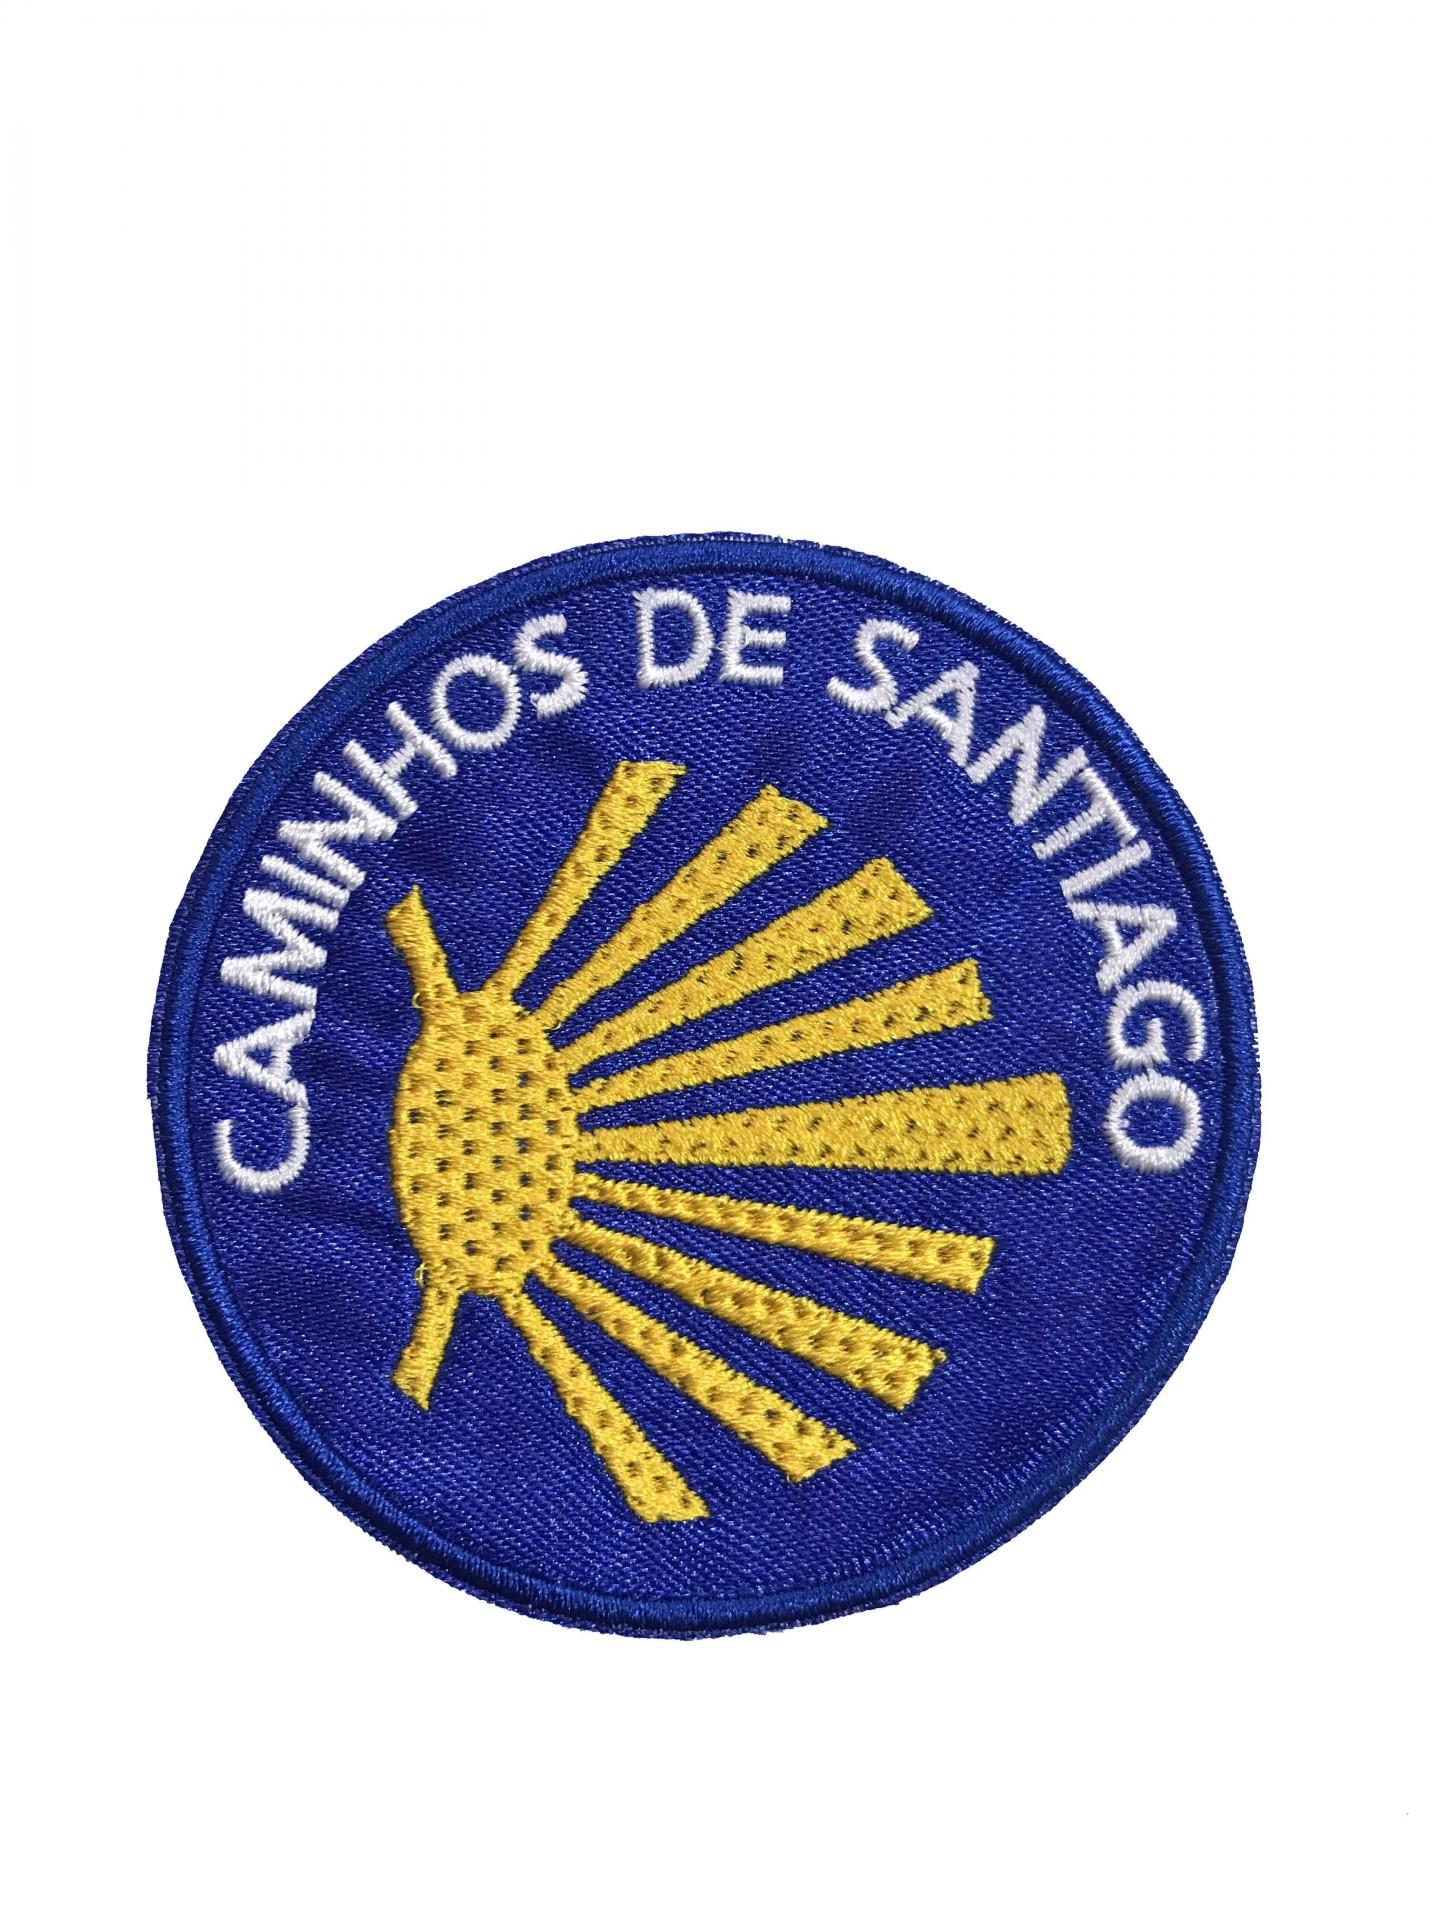 Emblema Caminhos de Santiago